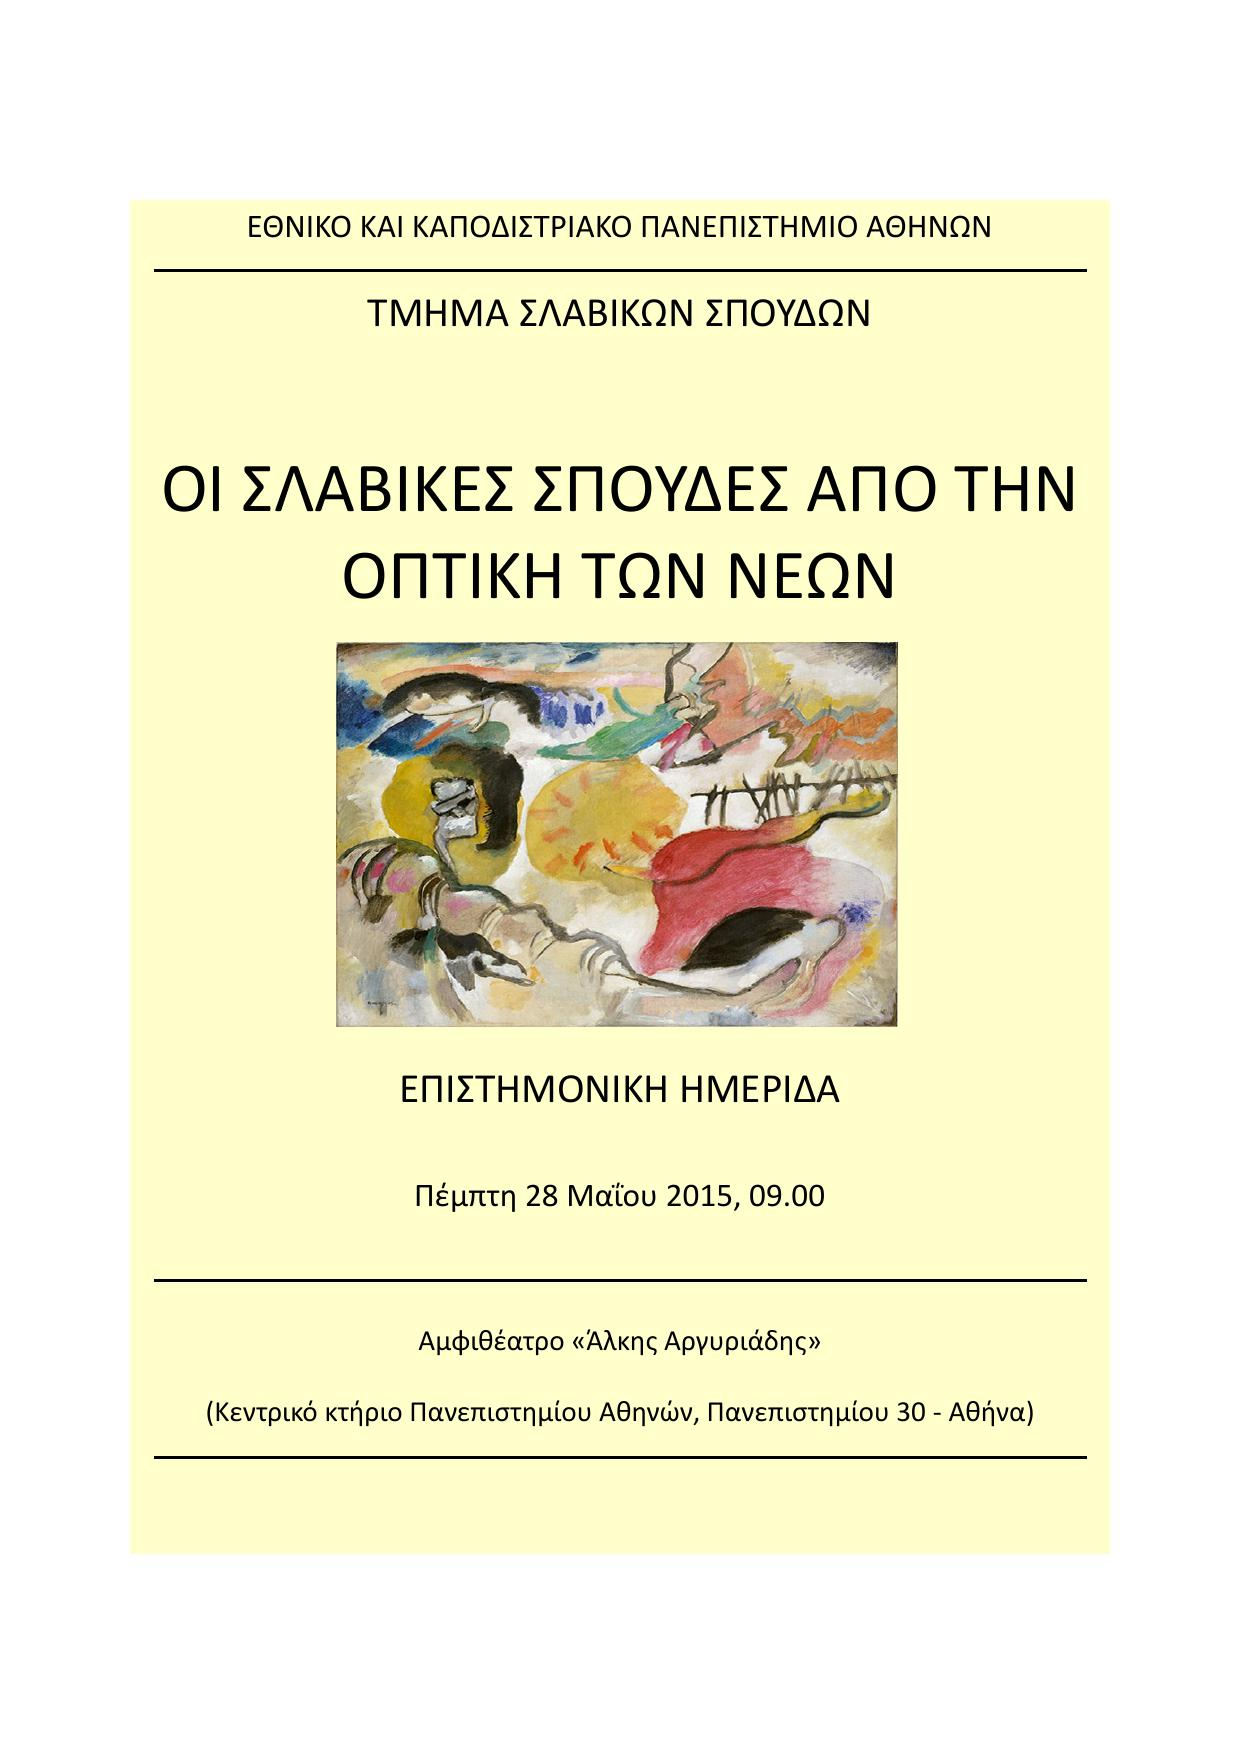 """""""Οι Σλαβικές Σπουδές από την οπτική των νέων"""": Επιστημονική Ημερίδα Τμήματος Σλαβικών Σπουδών"""